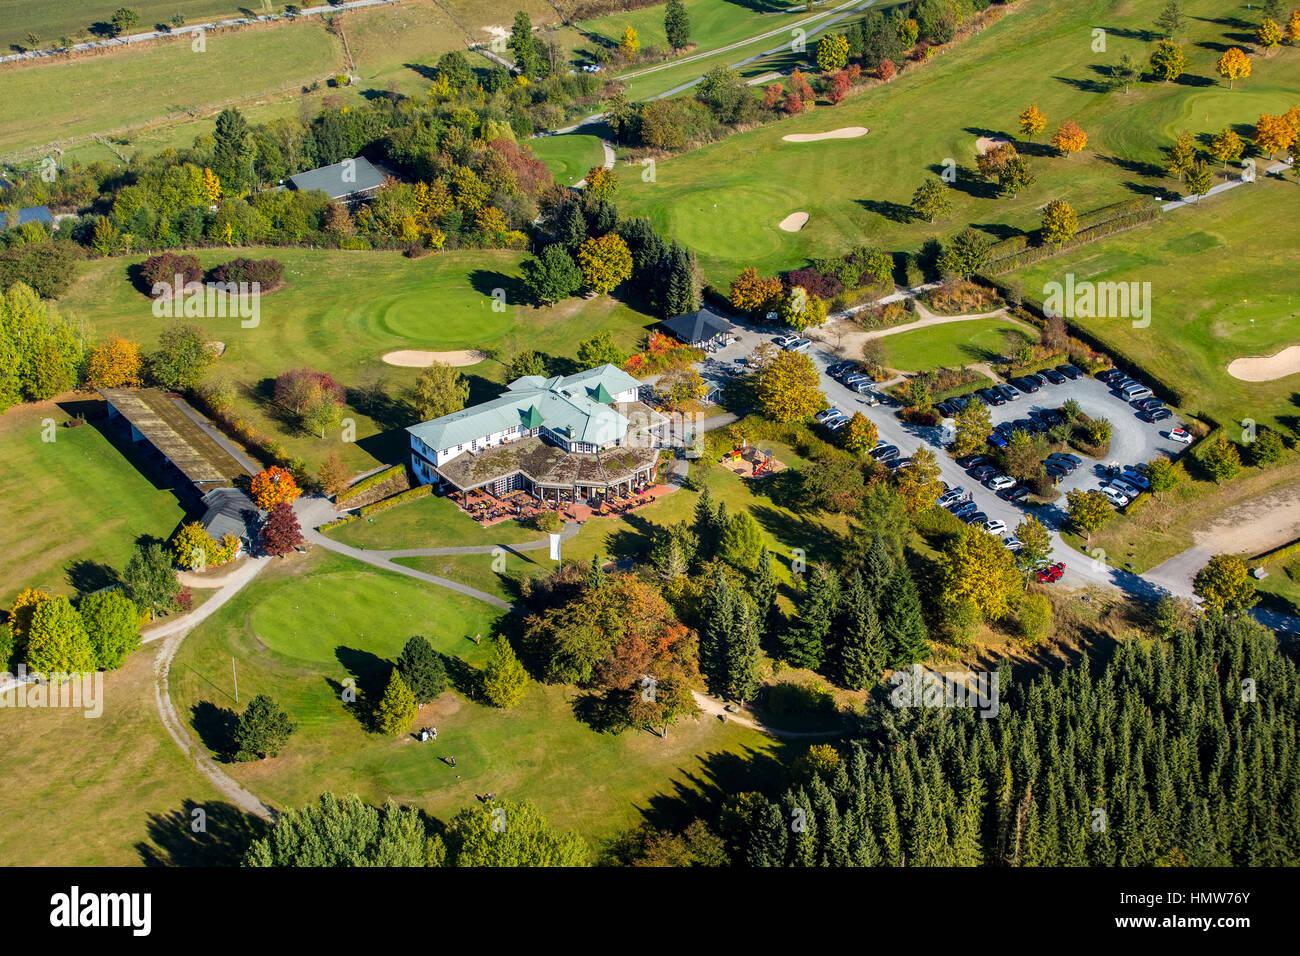 Golfclub Schmallenberg with clubhouse, aerial view, Bad Fredeburg, Schmallenberg, Hochsauerlandkreis, North Rhine - Stock Image